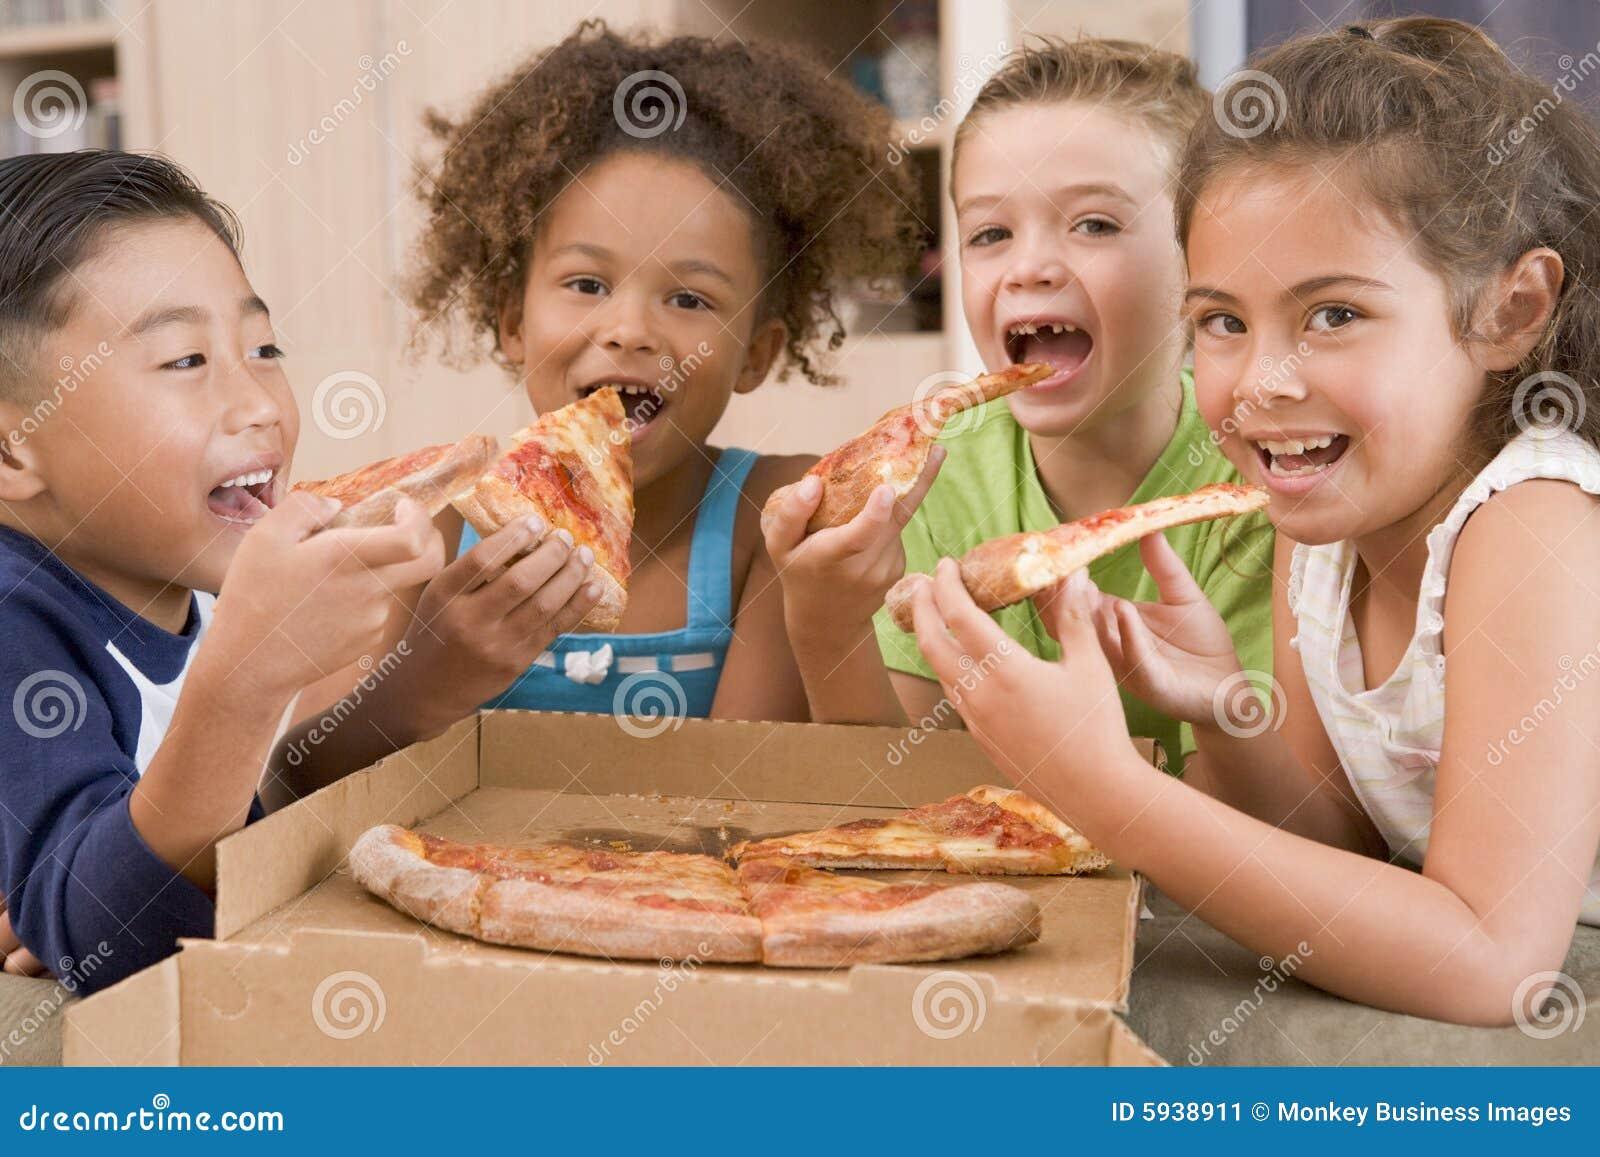 Quatre enfants en bas âge mangeant à l intérieur de la pizza